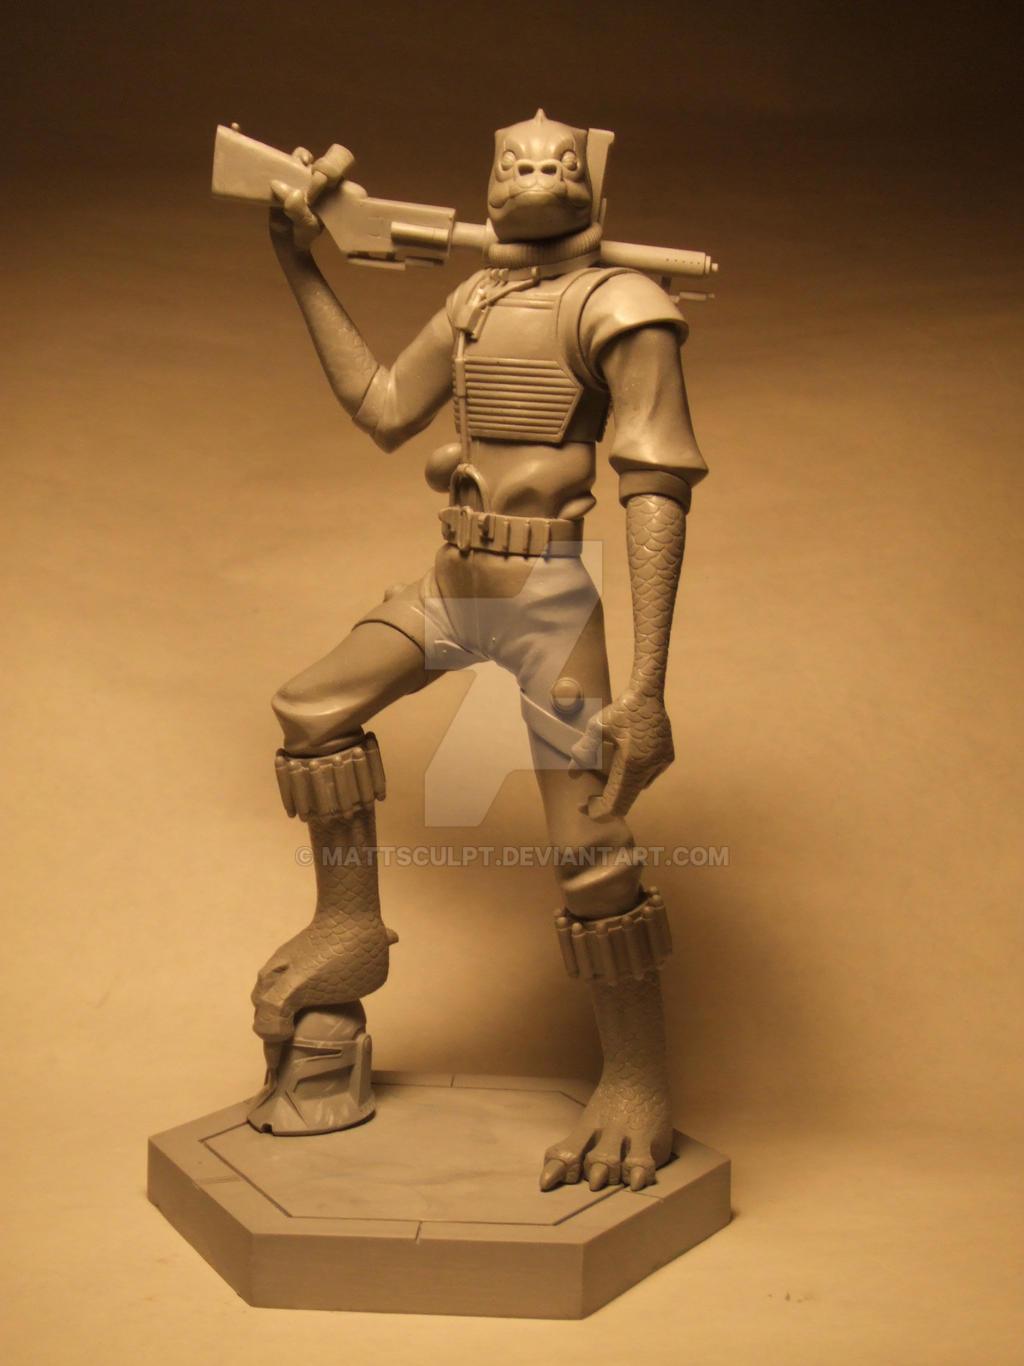 Bossk The Clone Wars Maquette By Mattsculpt On Deviantart